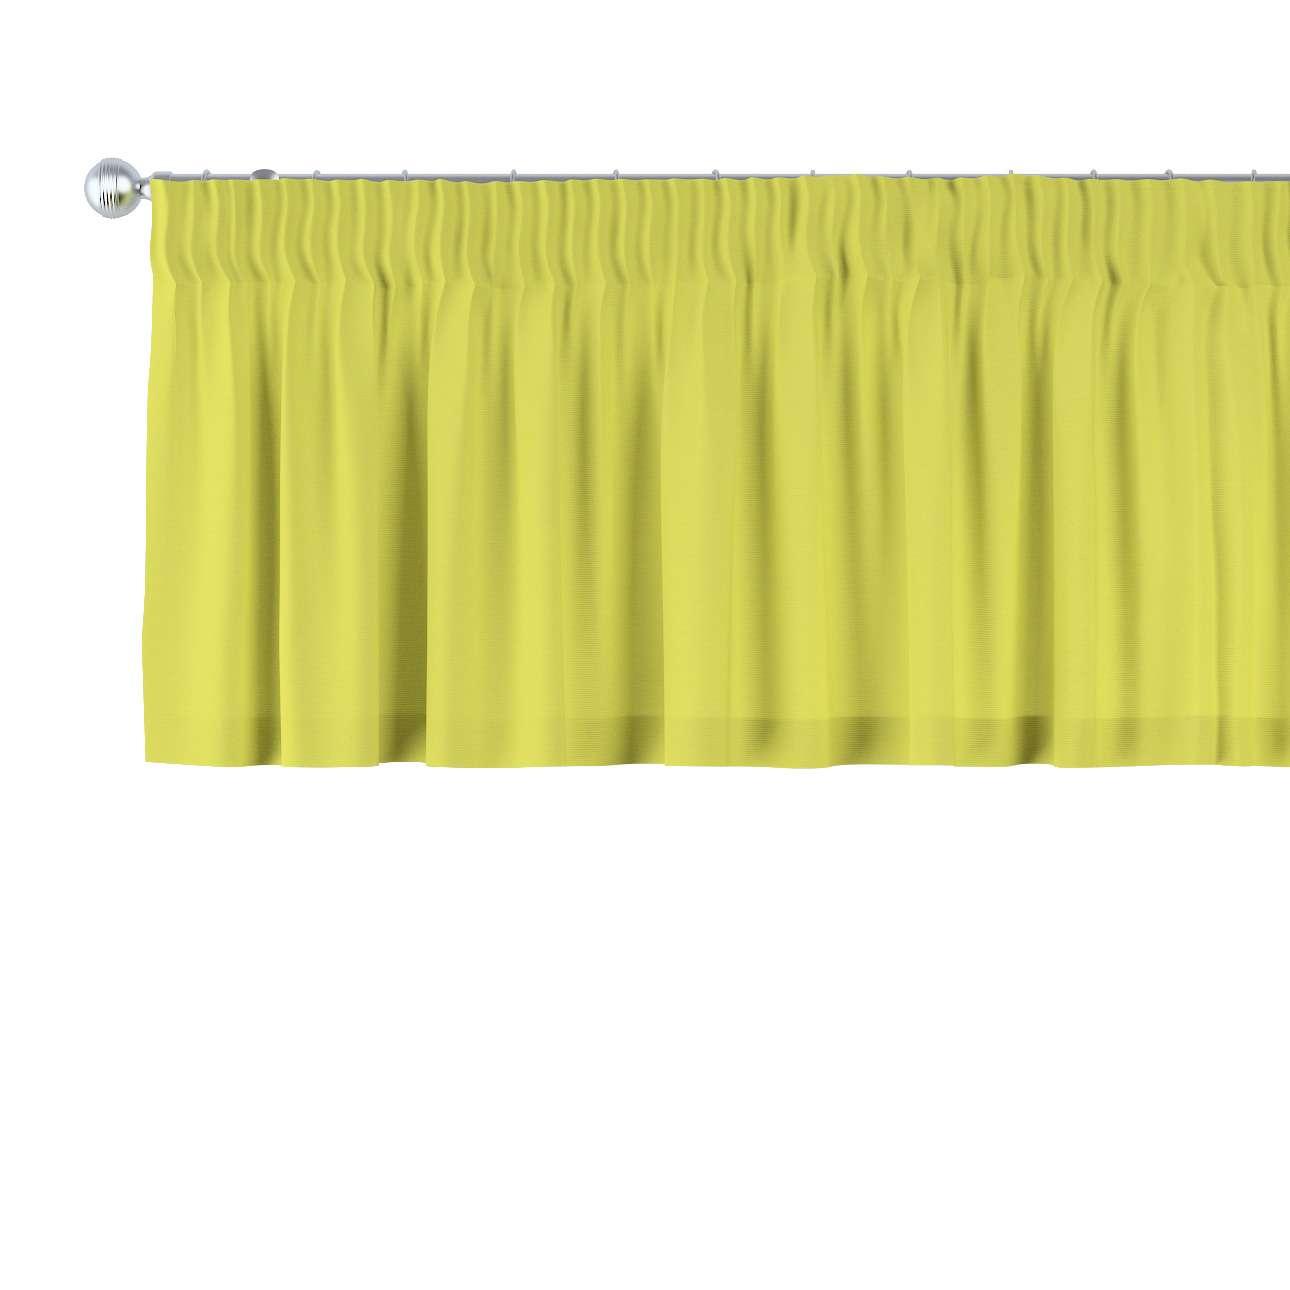 Gardinkappe med rynkebånd 130 x 40 cm fra kollektionen Jupiter, Stof: 127-50